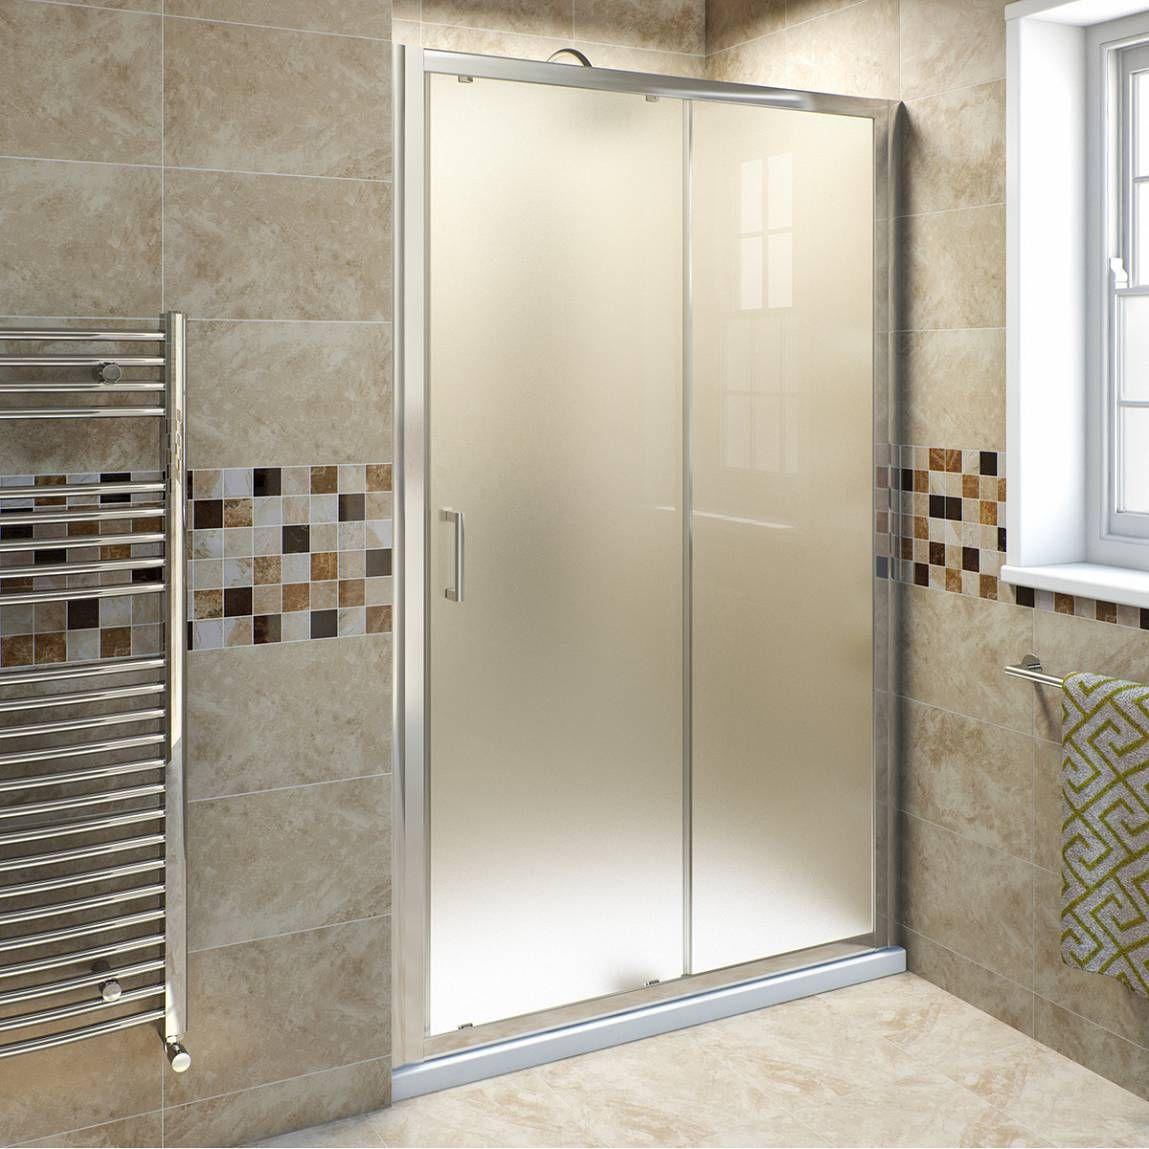 V6 Frosted Glass Sliding Shower Door 1200 Now 14999 Httpwww